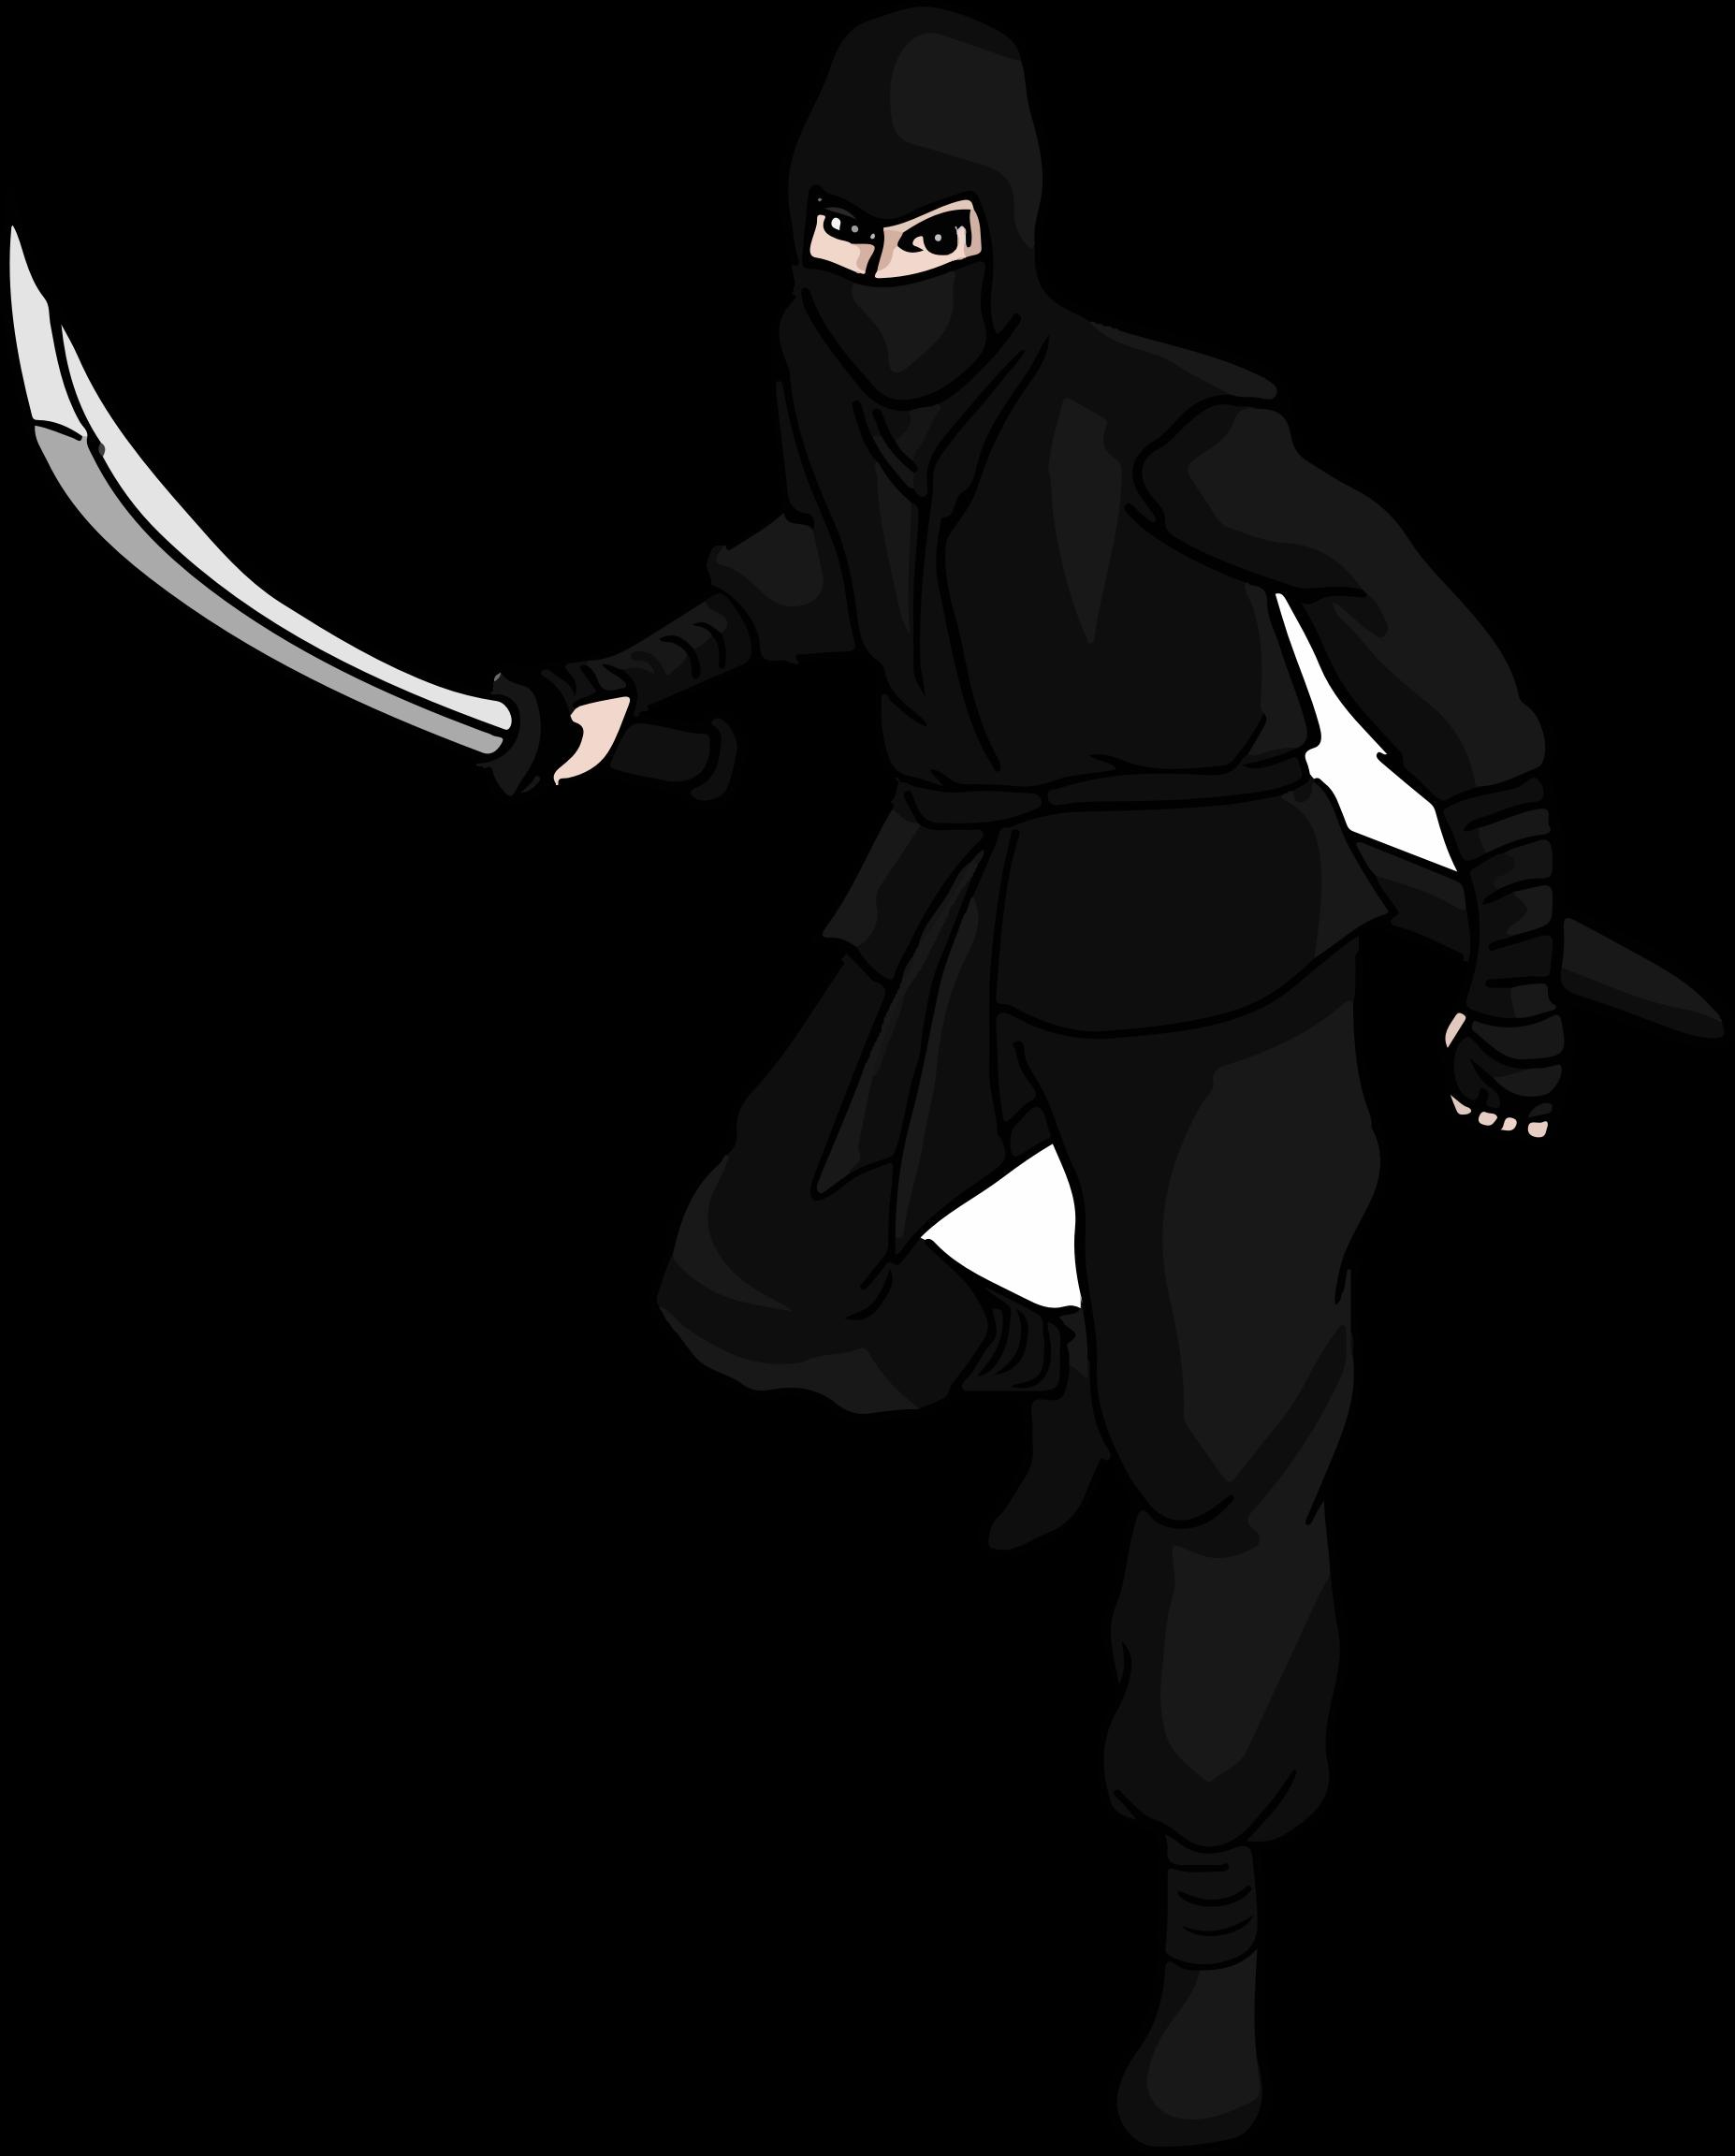 Ninja Images CnMuqi - HD Wall